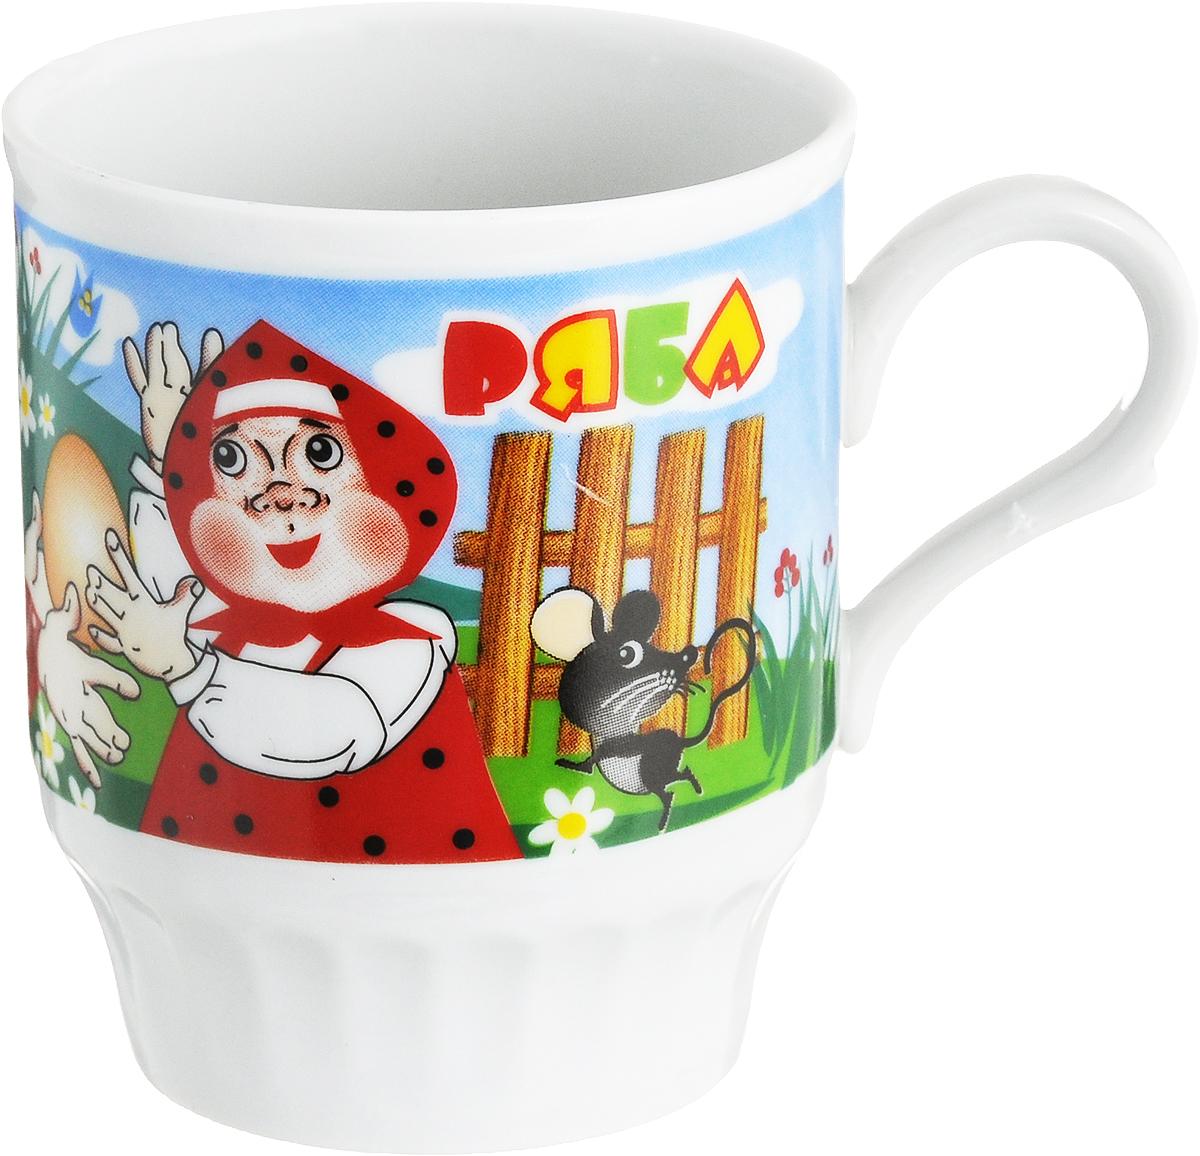 """Кружка Дулевский фарфор """"Русское поле. Сказка"""" способна  скрасить любое чаепитие. Изделие выполнено из  высококачественного фарфора и декорировано красочным рисунком.  Посуда из такого  материала позволяет сохранить истинный вкус напитка, а  также помогает ему дольше оставаться теплым. Кружка оснащена удобной ручкой. Диаметр по верхнему краю: 7 см. Высота кружки: 8 см."""